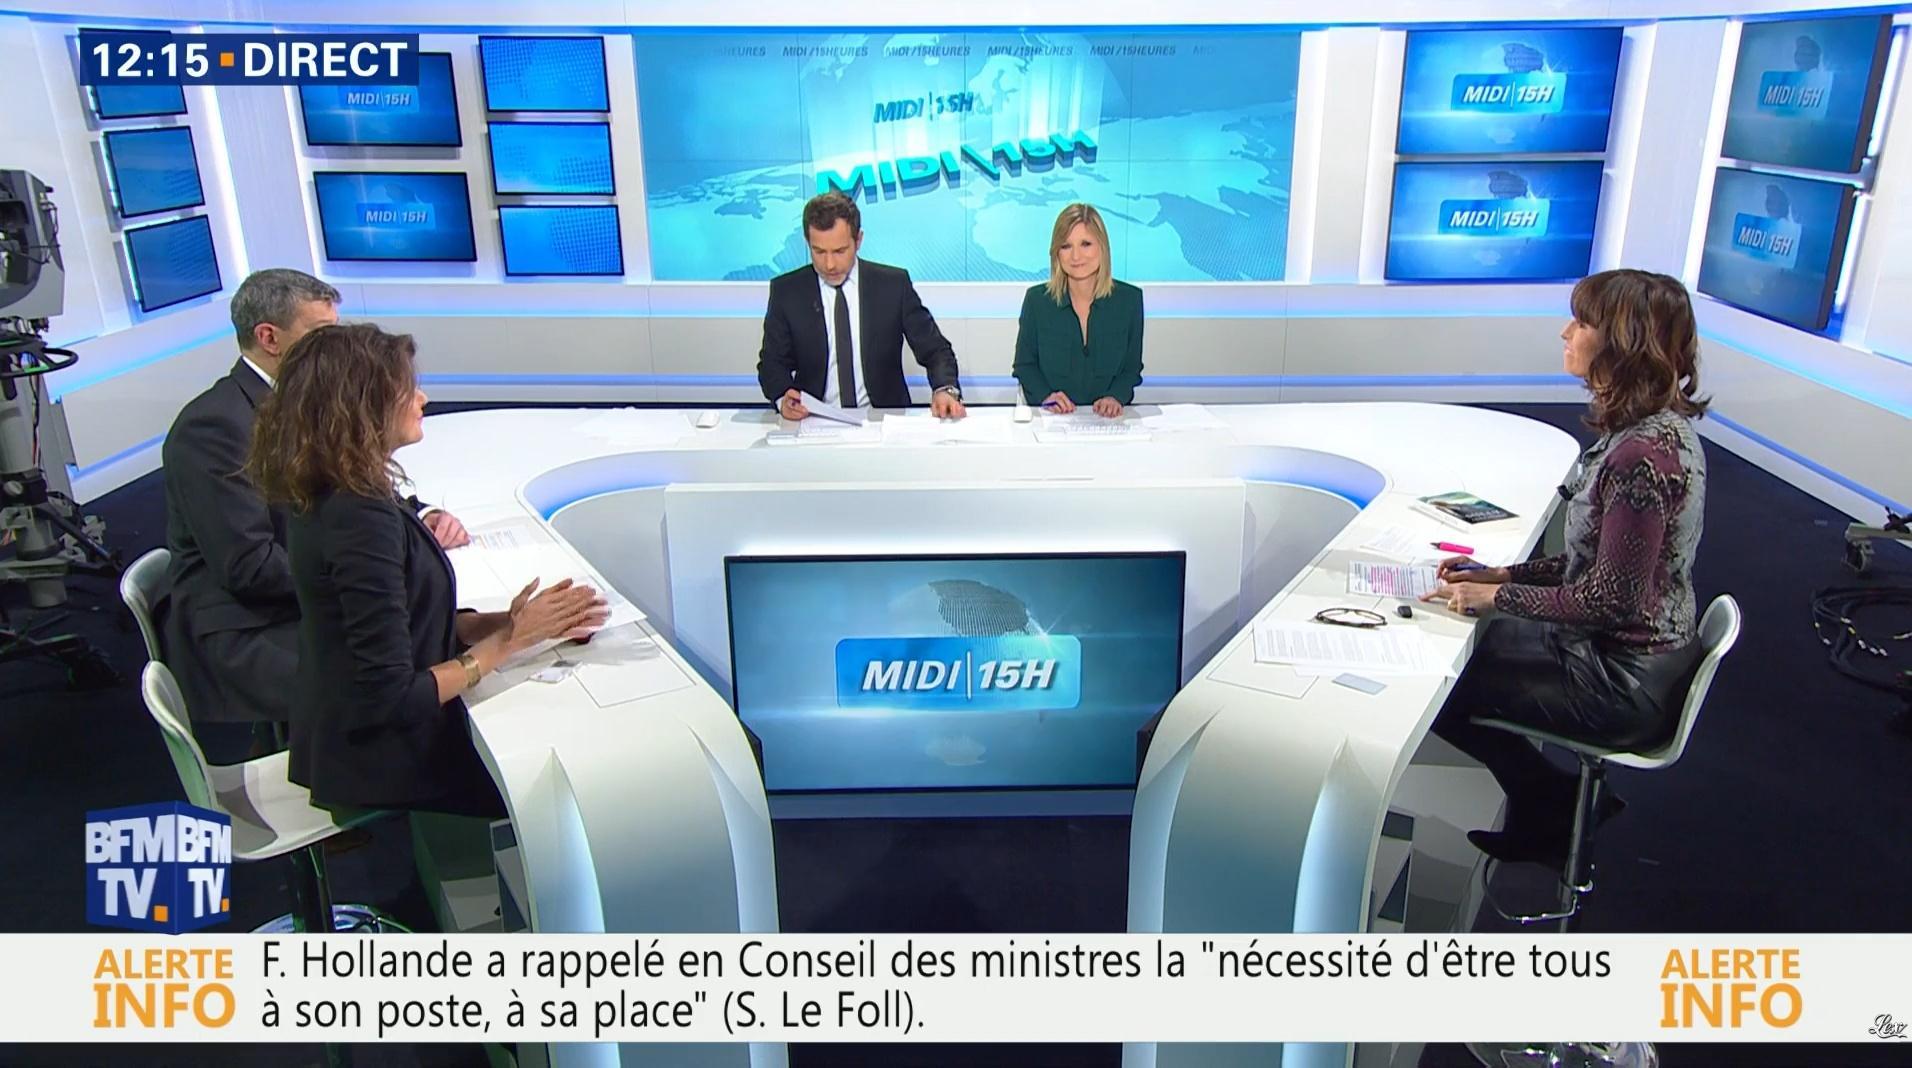 Candice Mahout dans le Midi-15h. Diffusé à la télévision le 30/11/16.